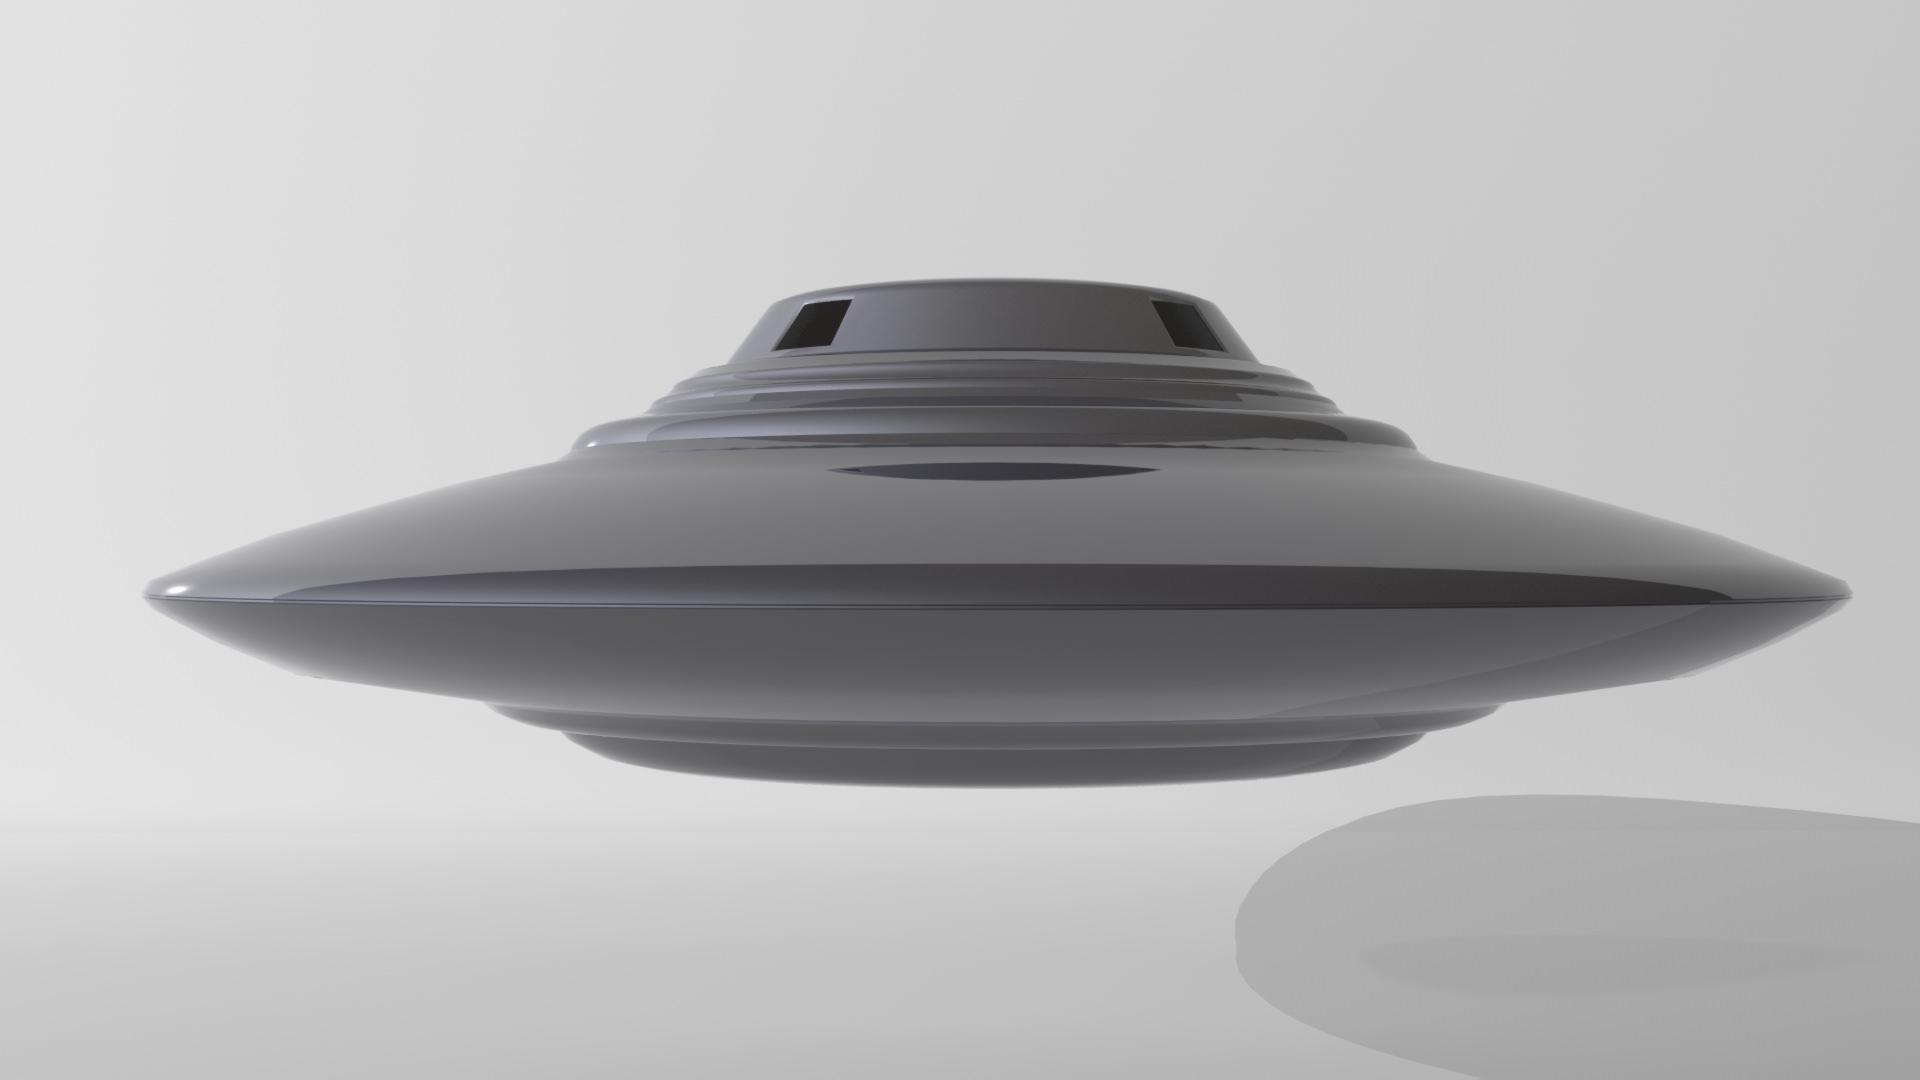 alien flying saucer - photo #25